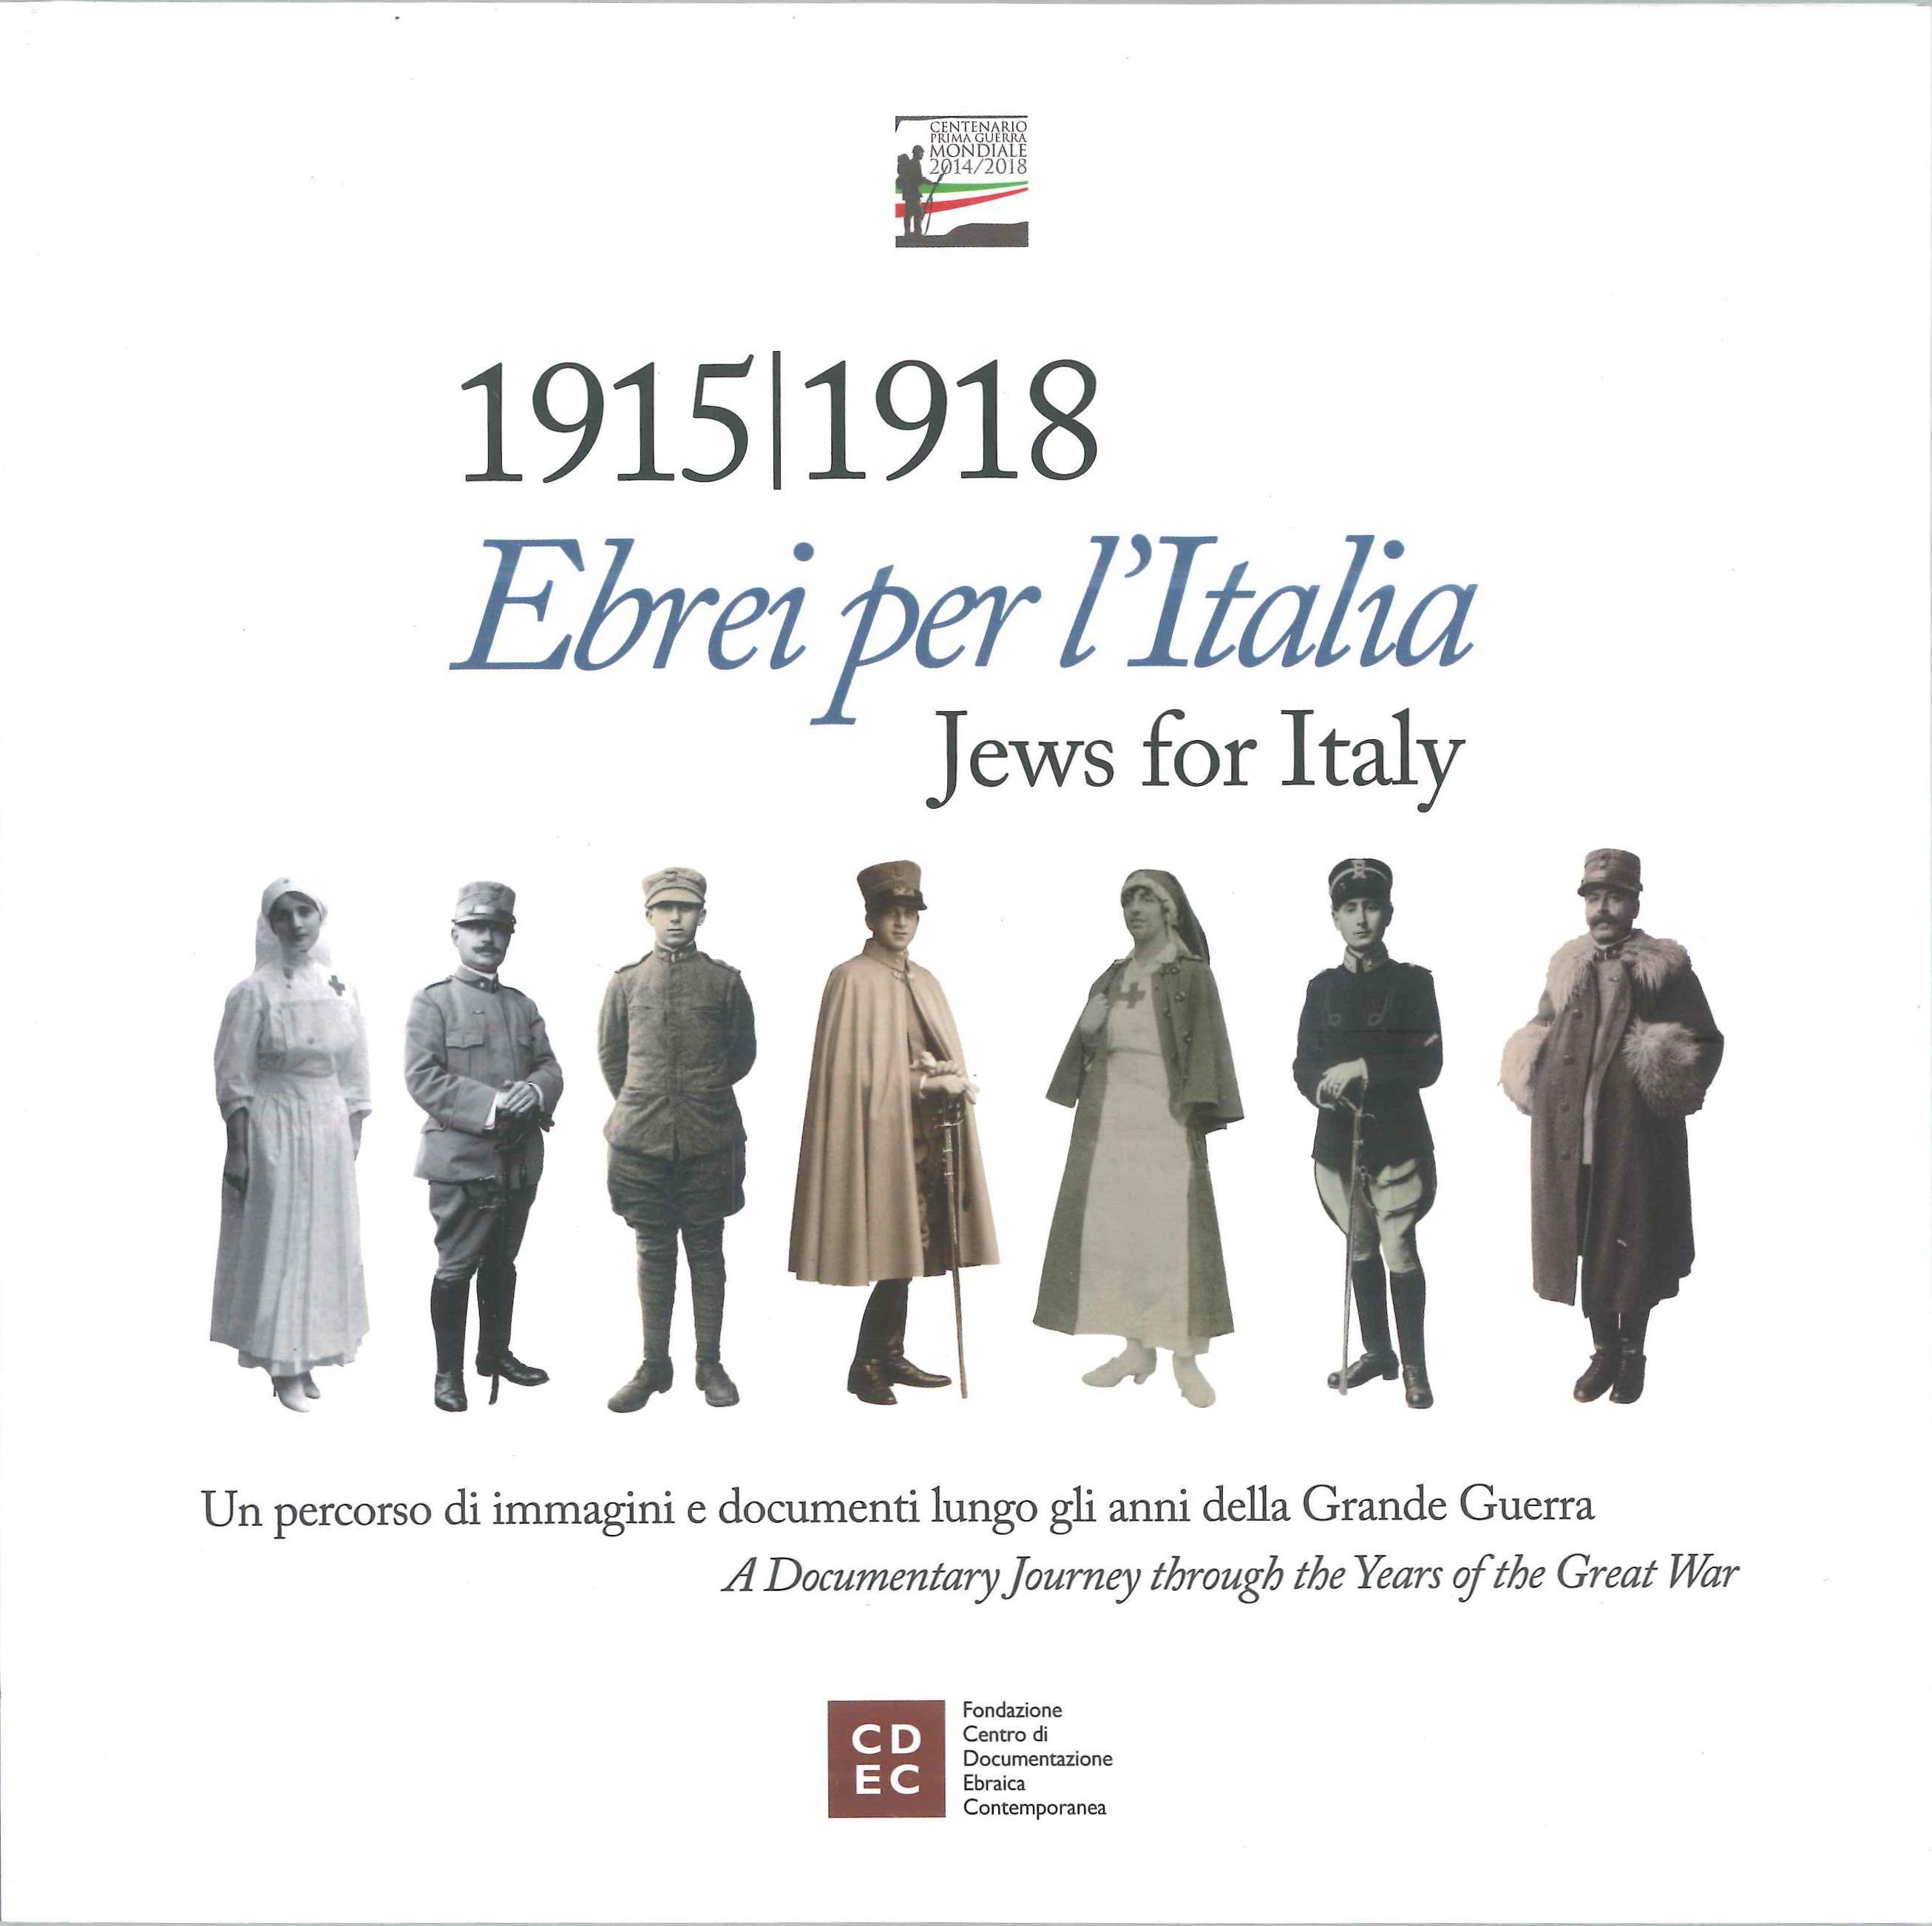 1915|1918 Ebrei per l'Italia